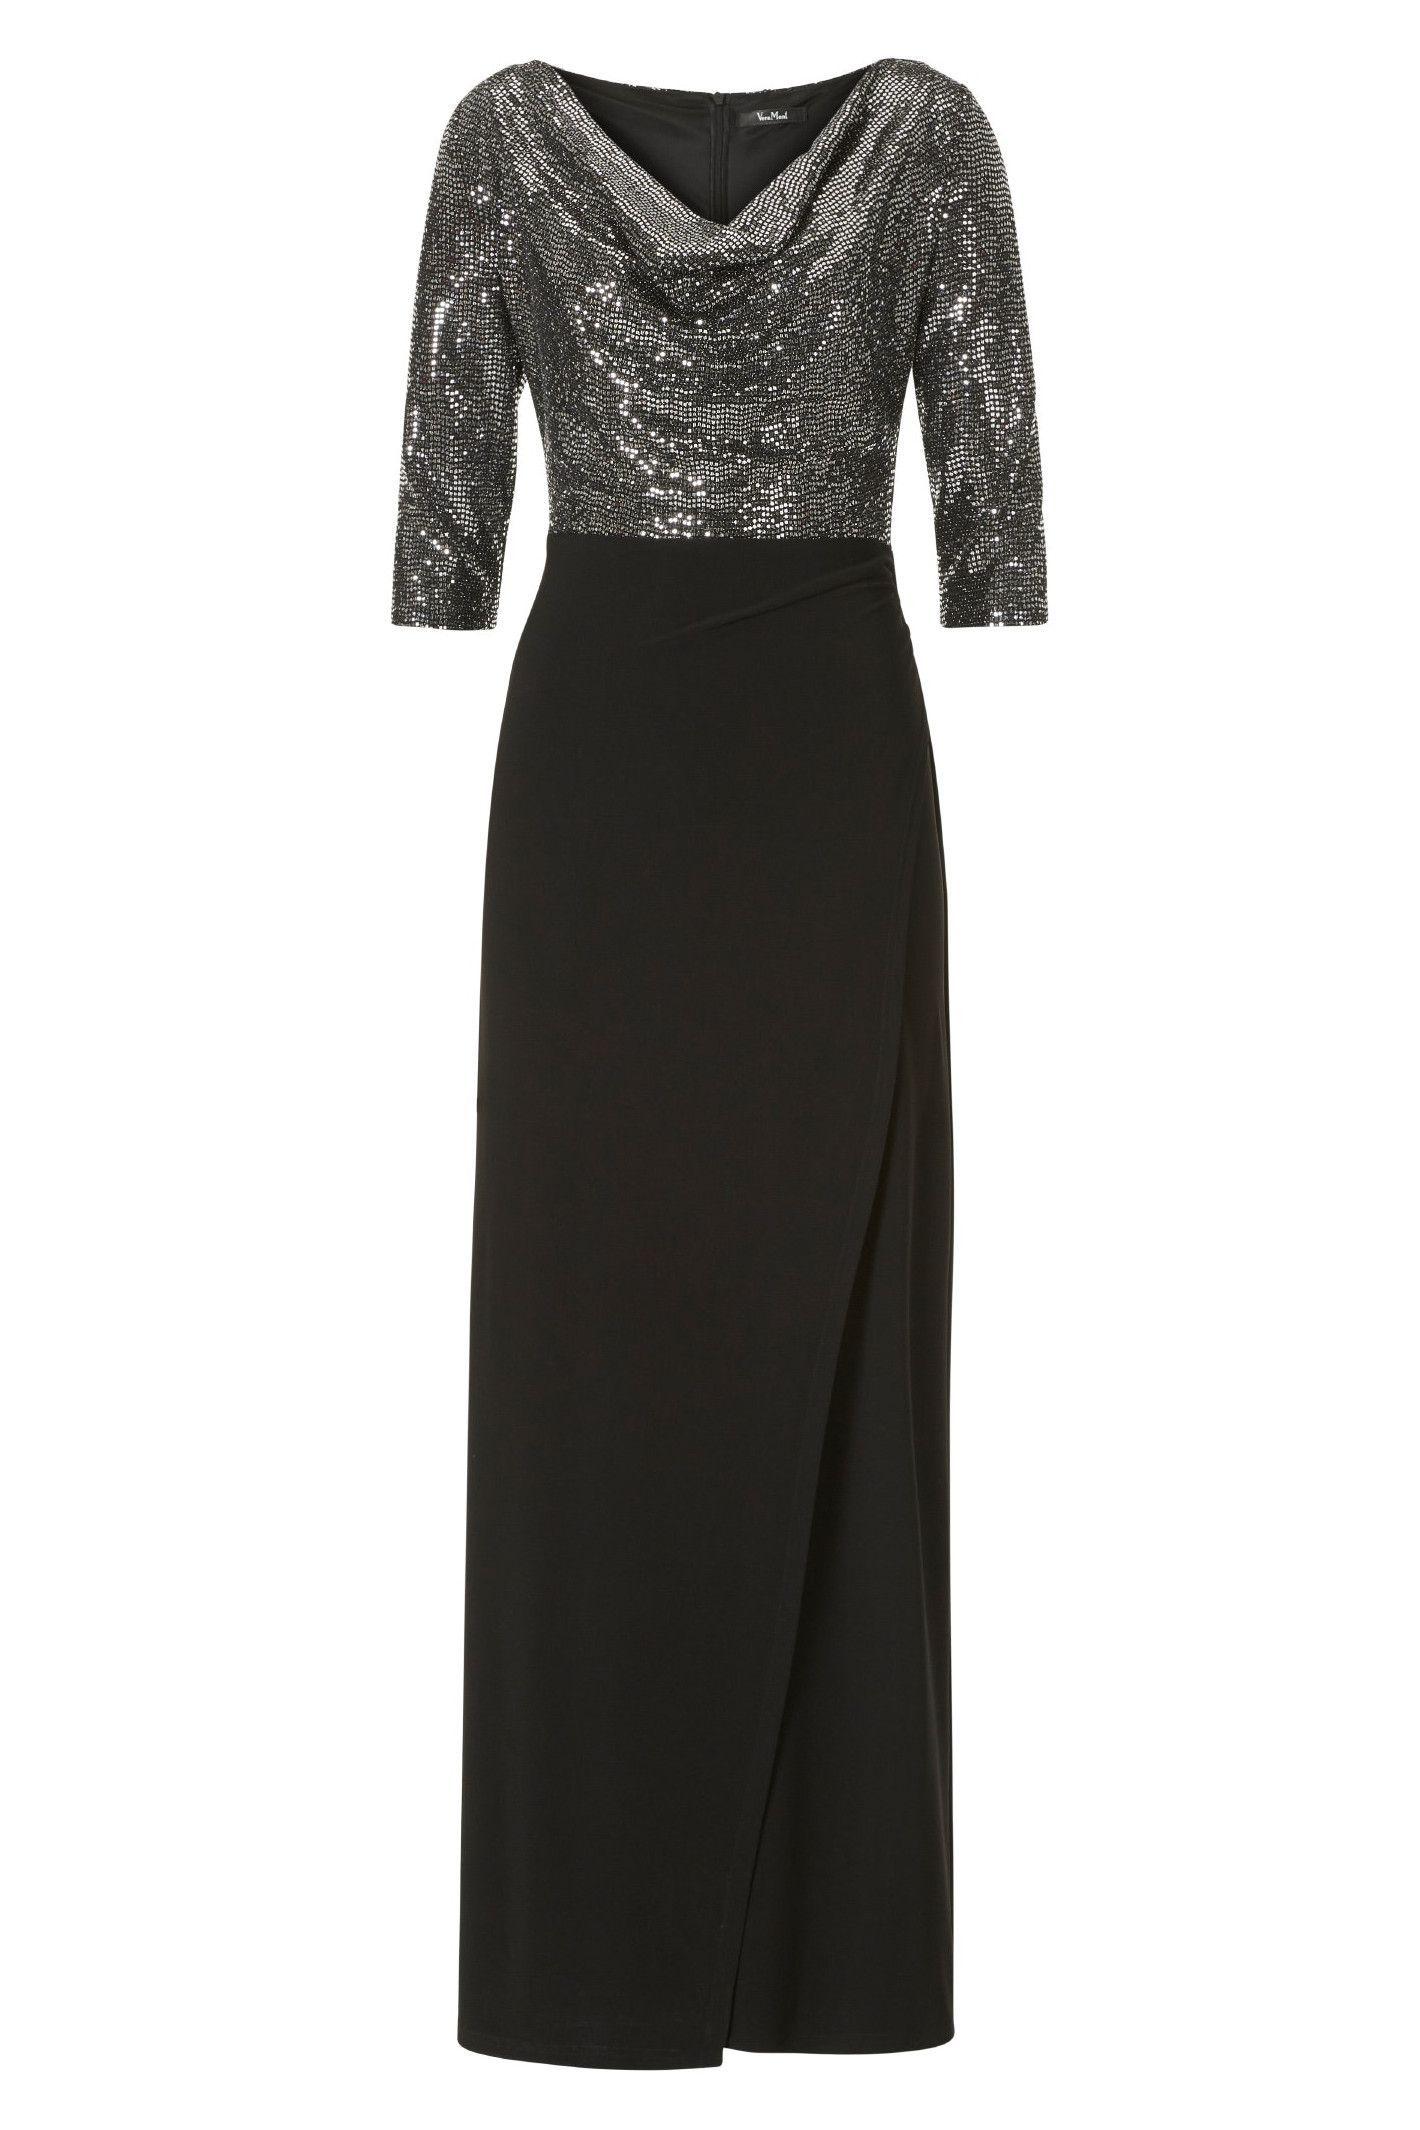 elastisches festliches kleid schwarz silber vera mont in